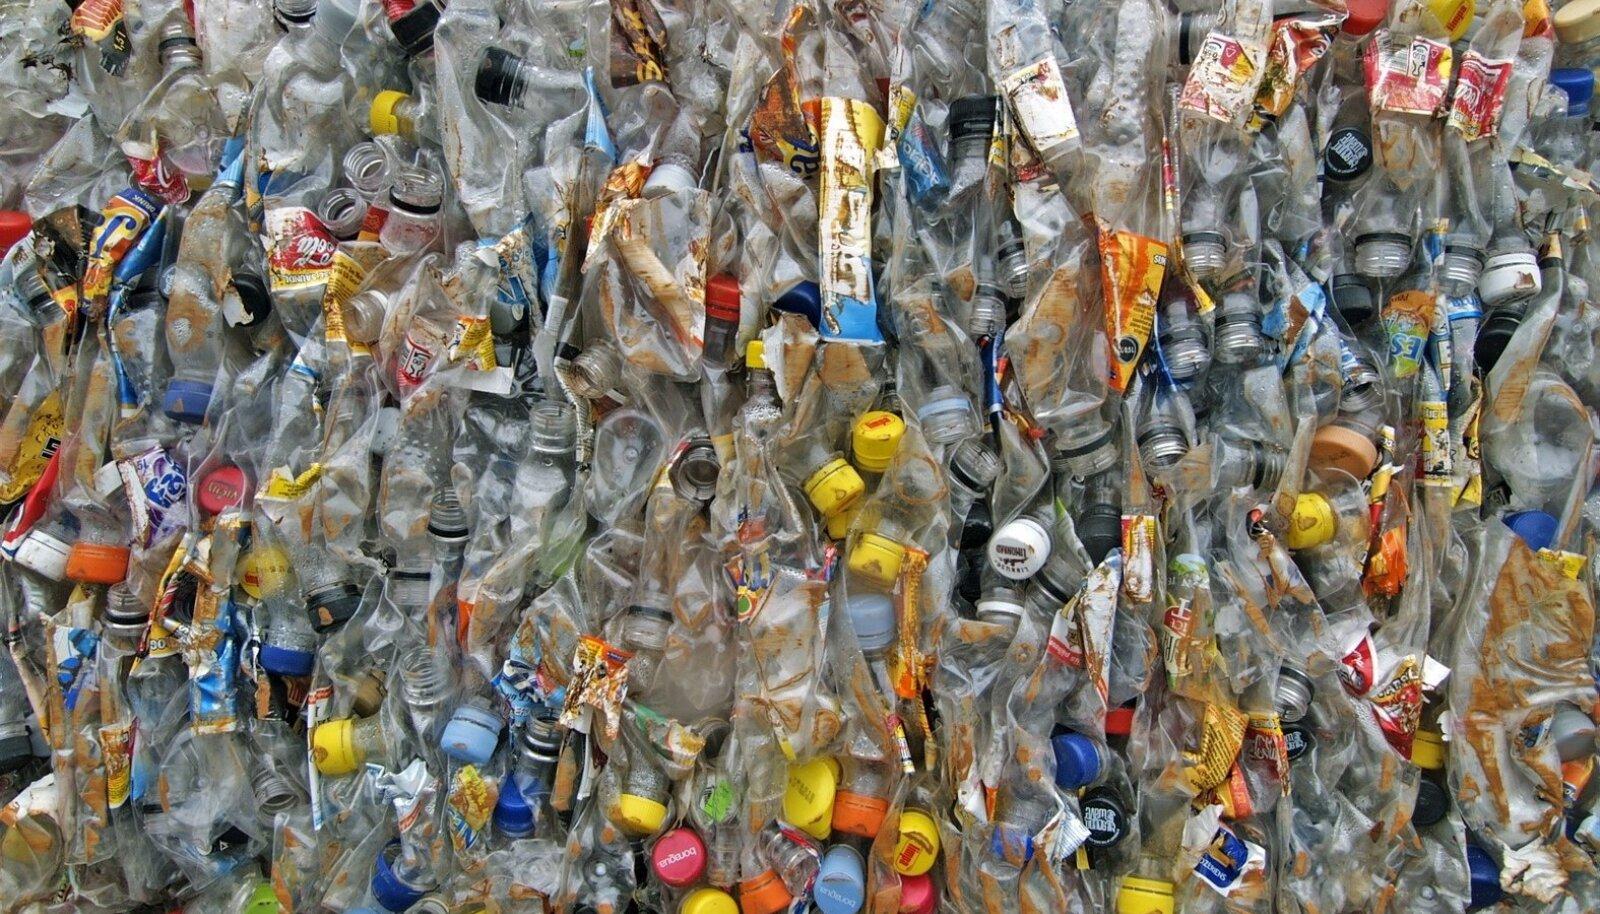 Tänu pandipakendite tagastamisele kogutakse Eestis kokku ligi 90% plastpudelitest ja nende korkidest.